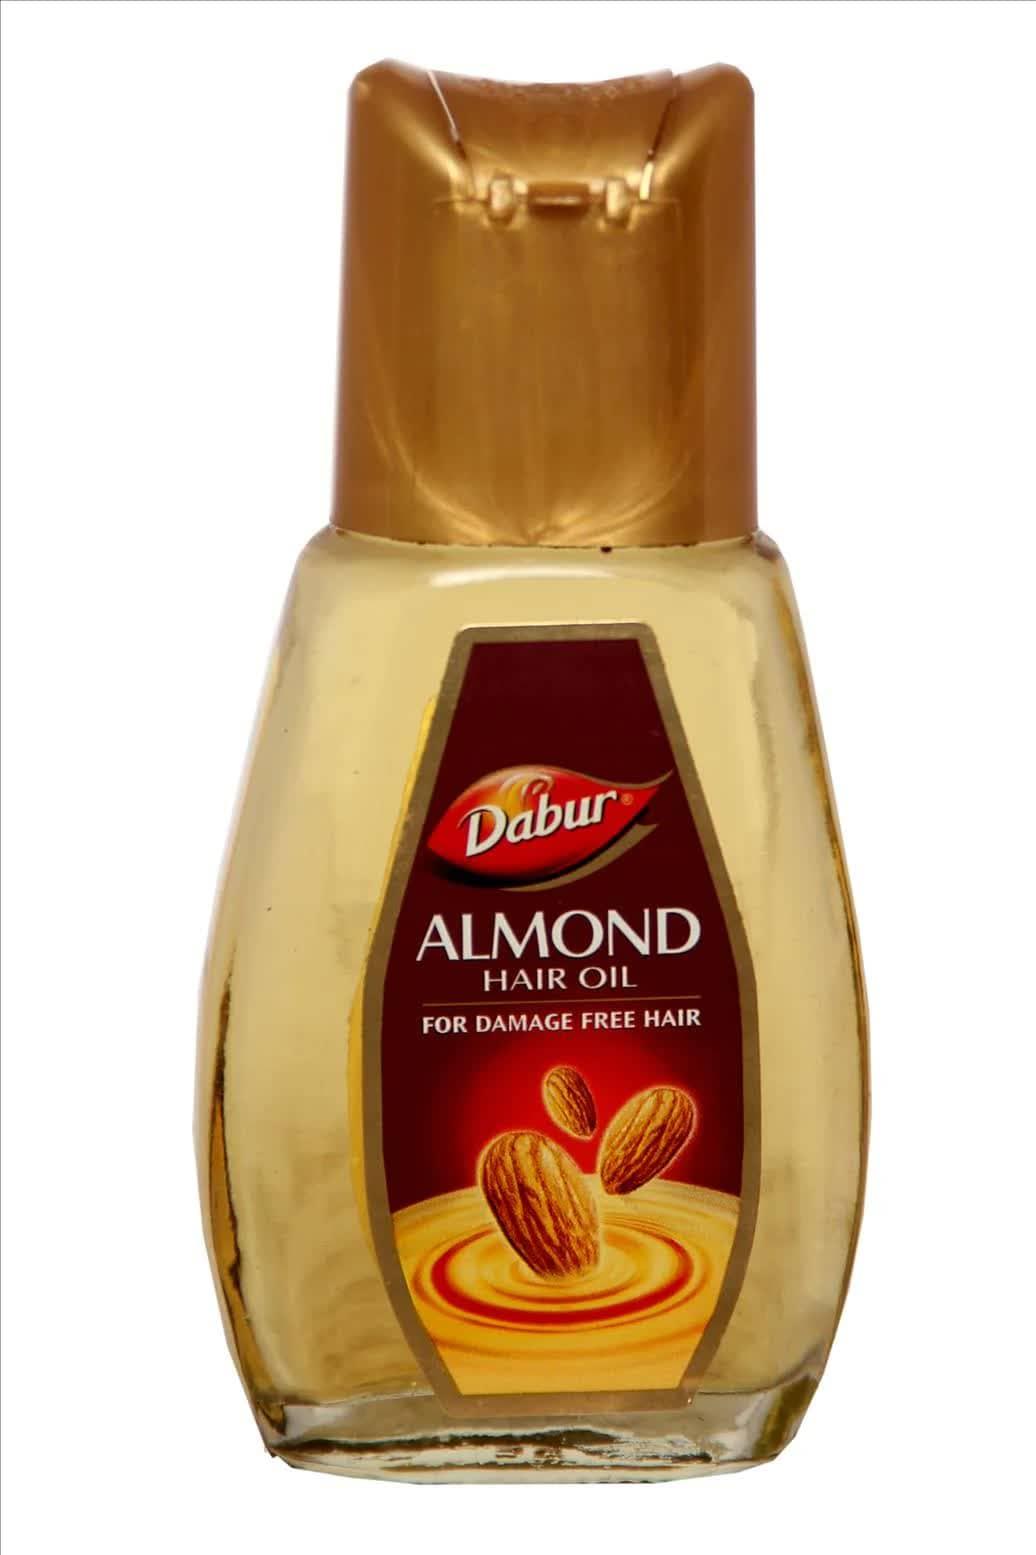 Dabur Almond Hair Oil 100 Ml